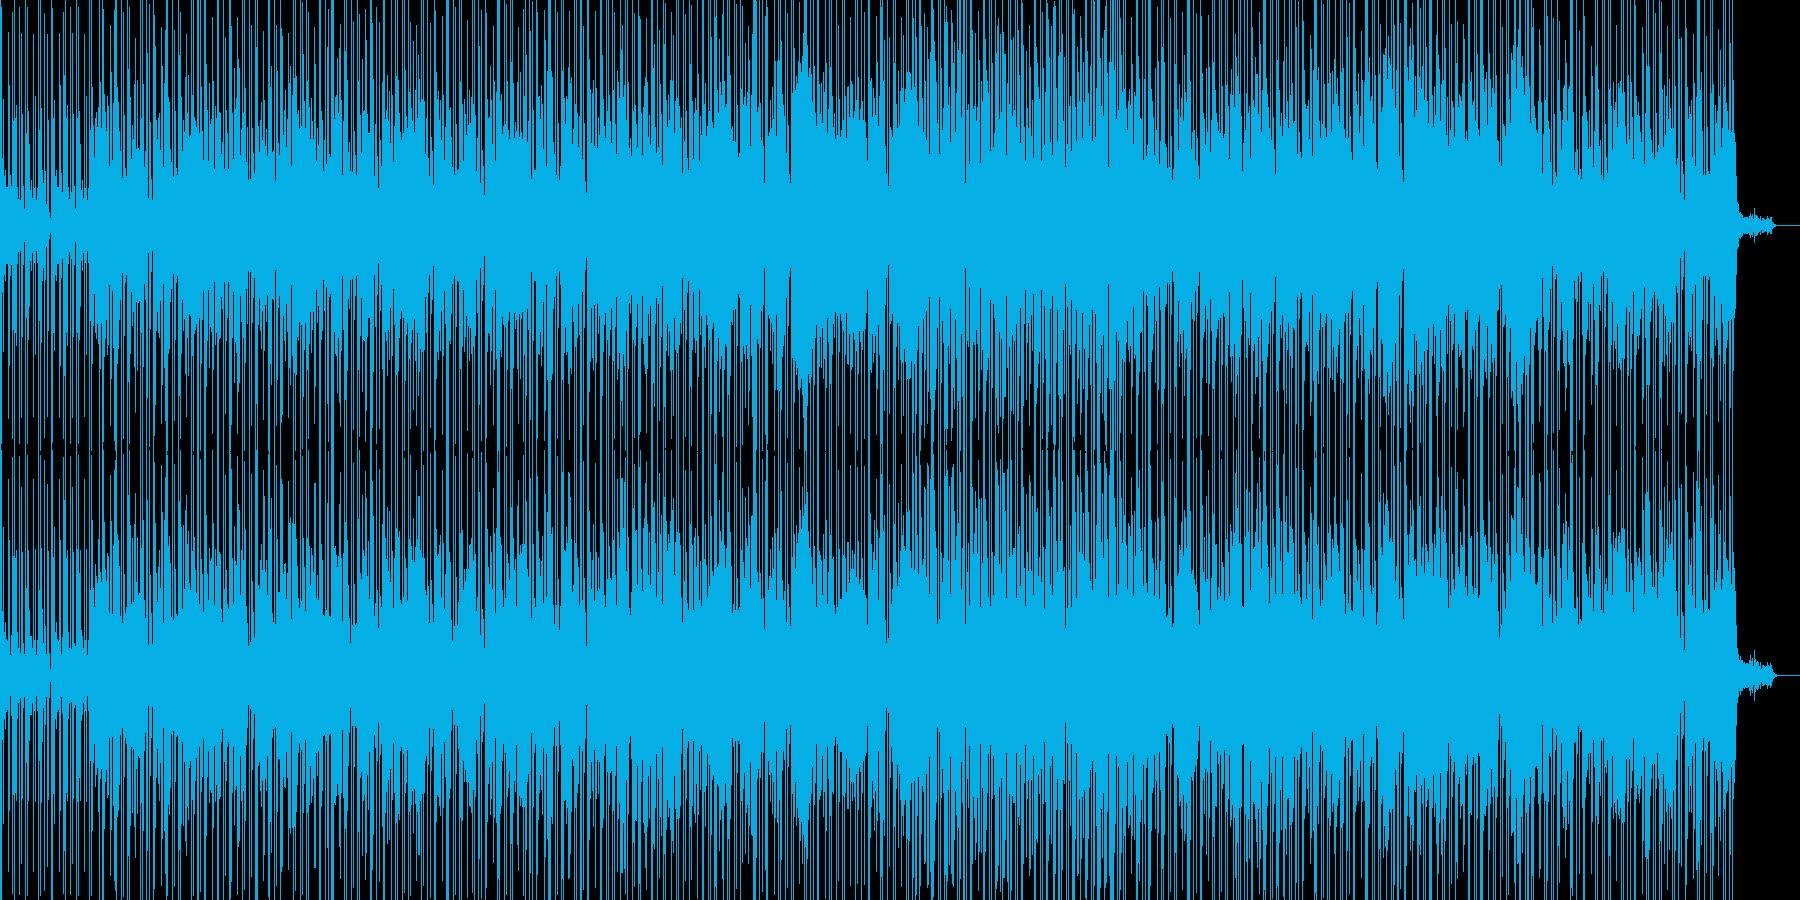 軽快なサンバのリズムと切なさの再生済みの波形